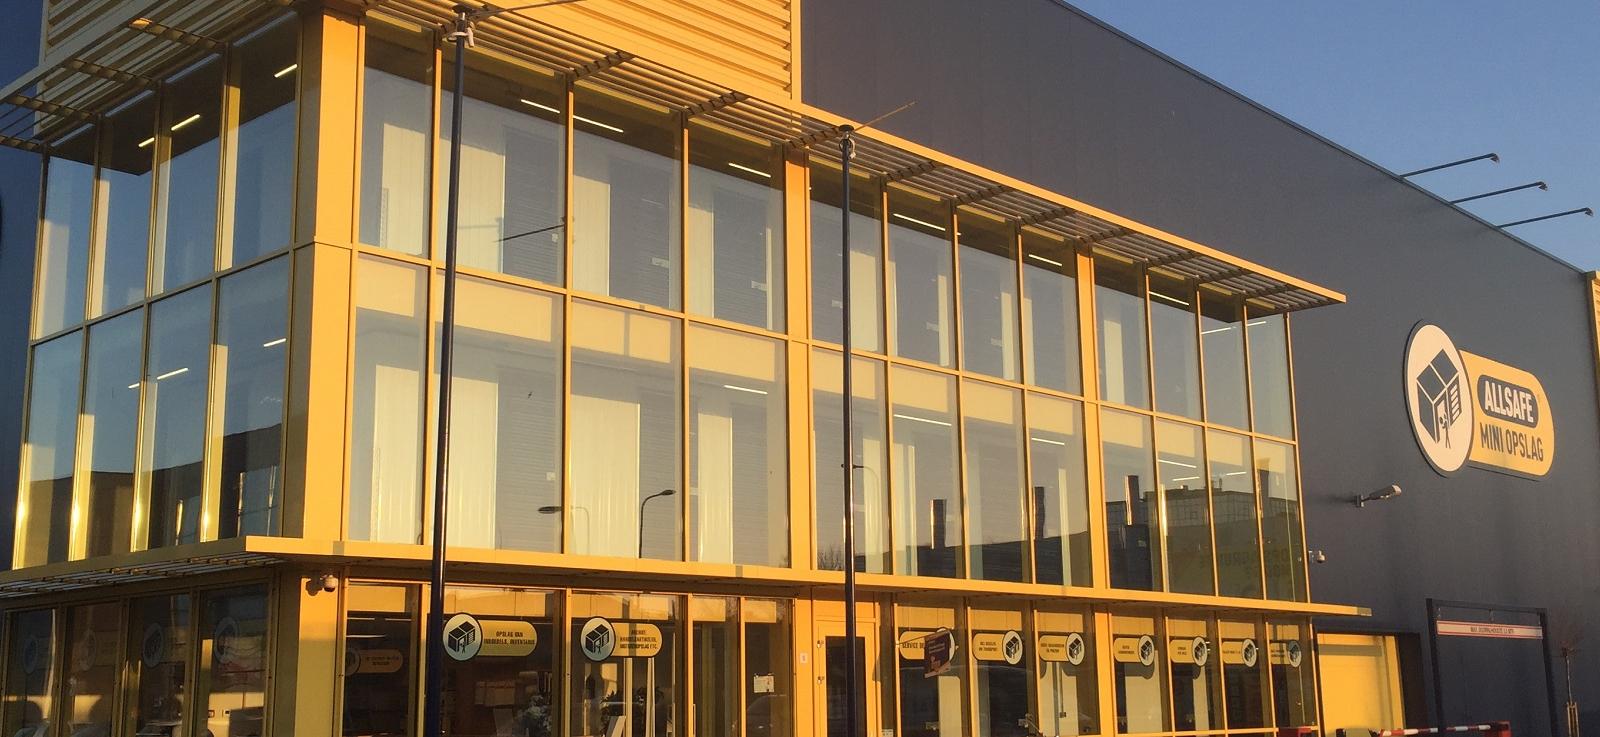 Bouwen in recordtempo: ALLSAFE Mini Opslag in Zwolle is maar liefst in 13 weken gebouwd!